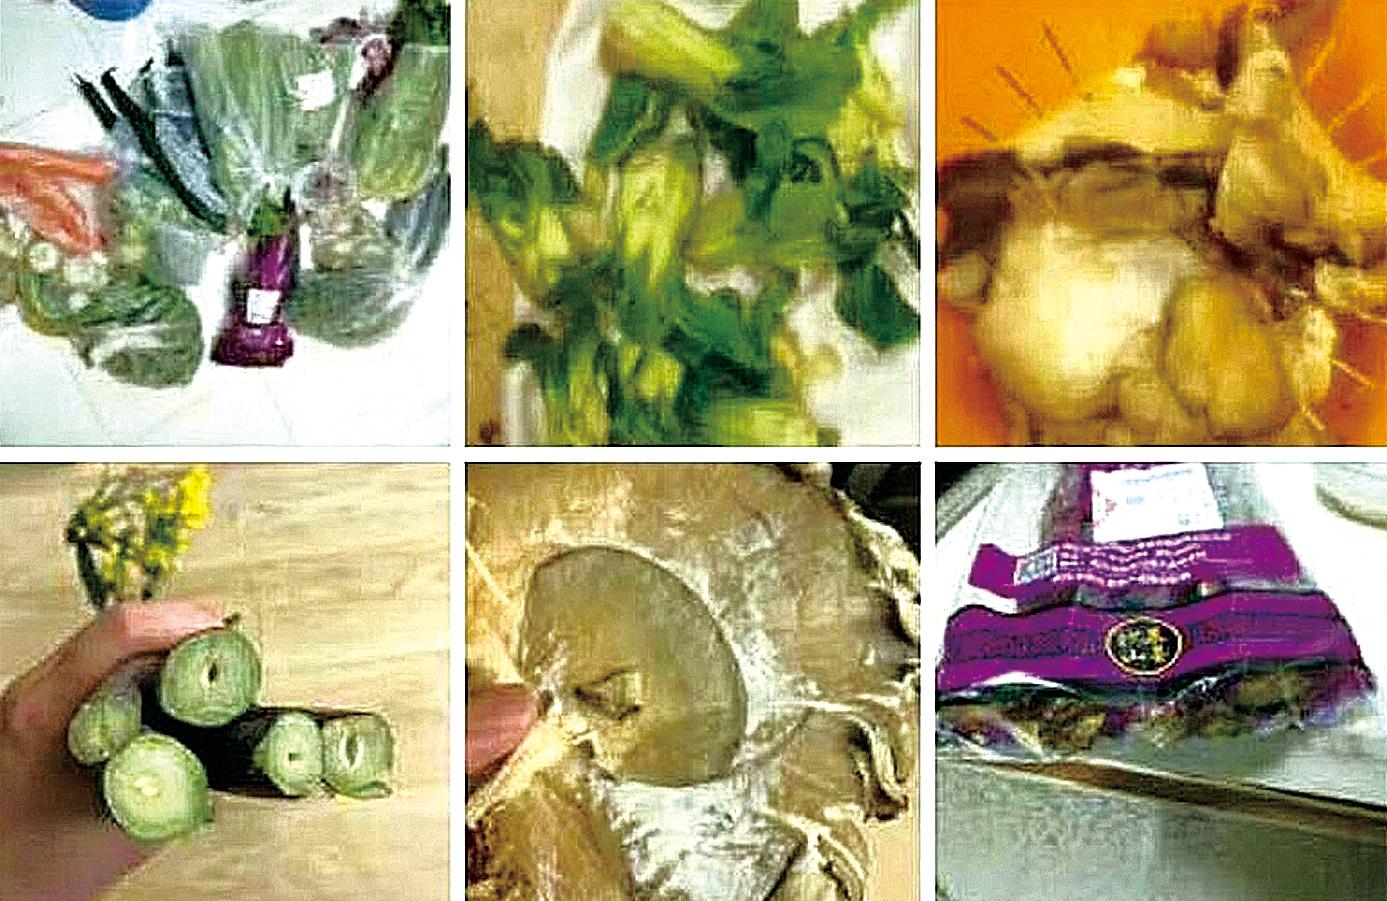 2月25日起,武漢小區居民必須統一團購生活用品,市民表示,團購菜品質不好,菜價高。(網絡圖片)